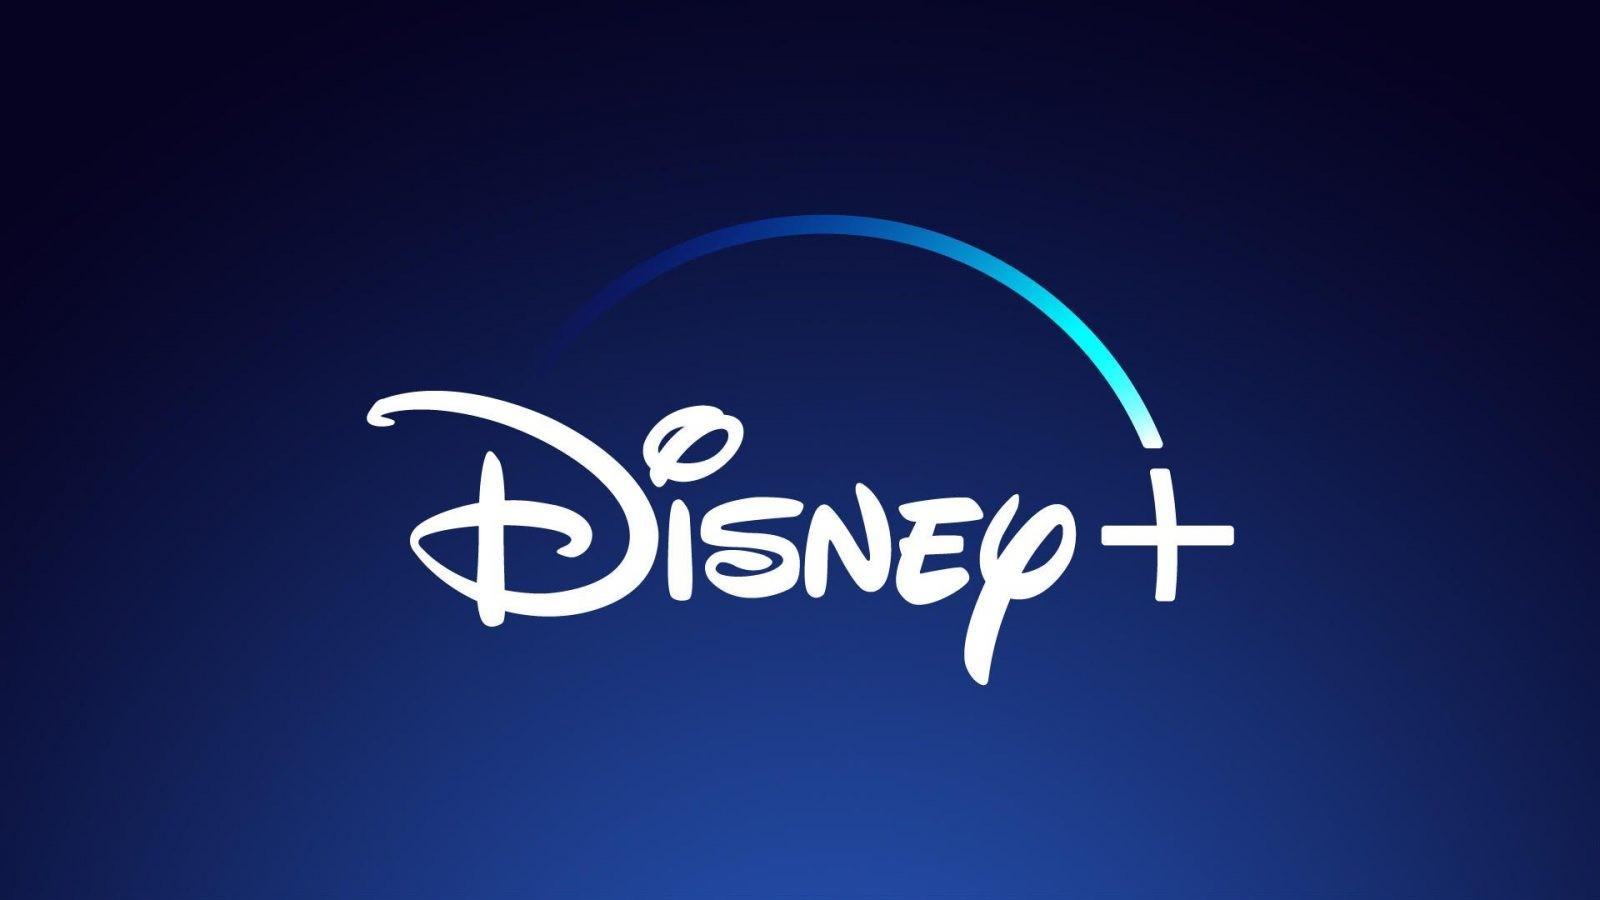 Часть новых проектов Disney может выйти сразу в онлайн